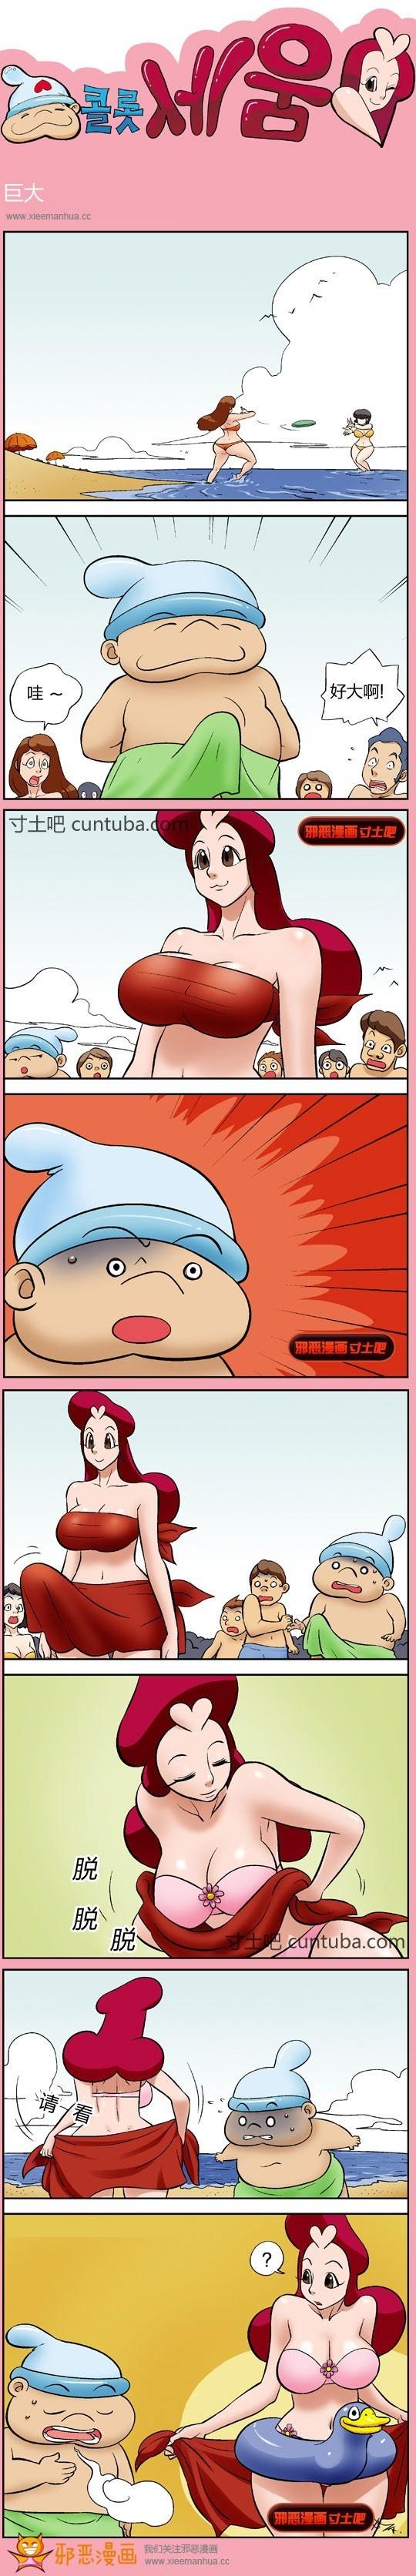 邪恶漫画:巨大